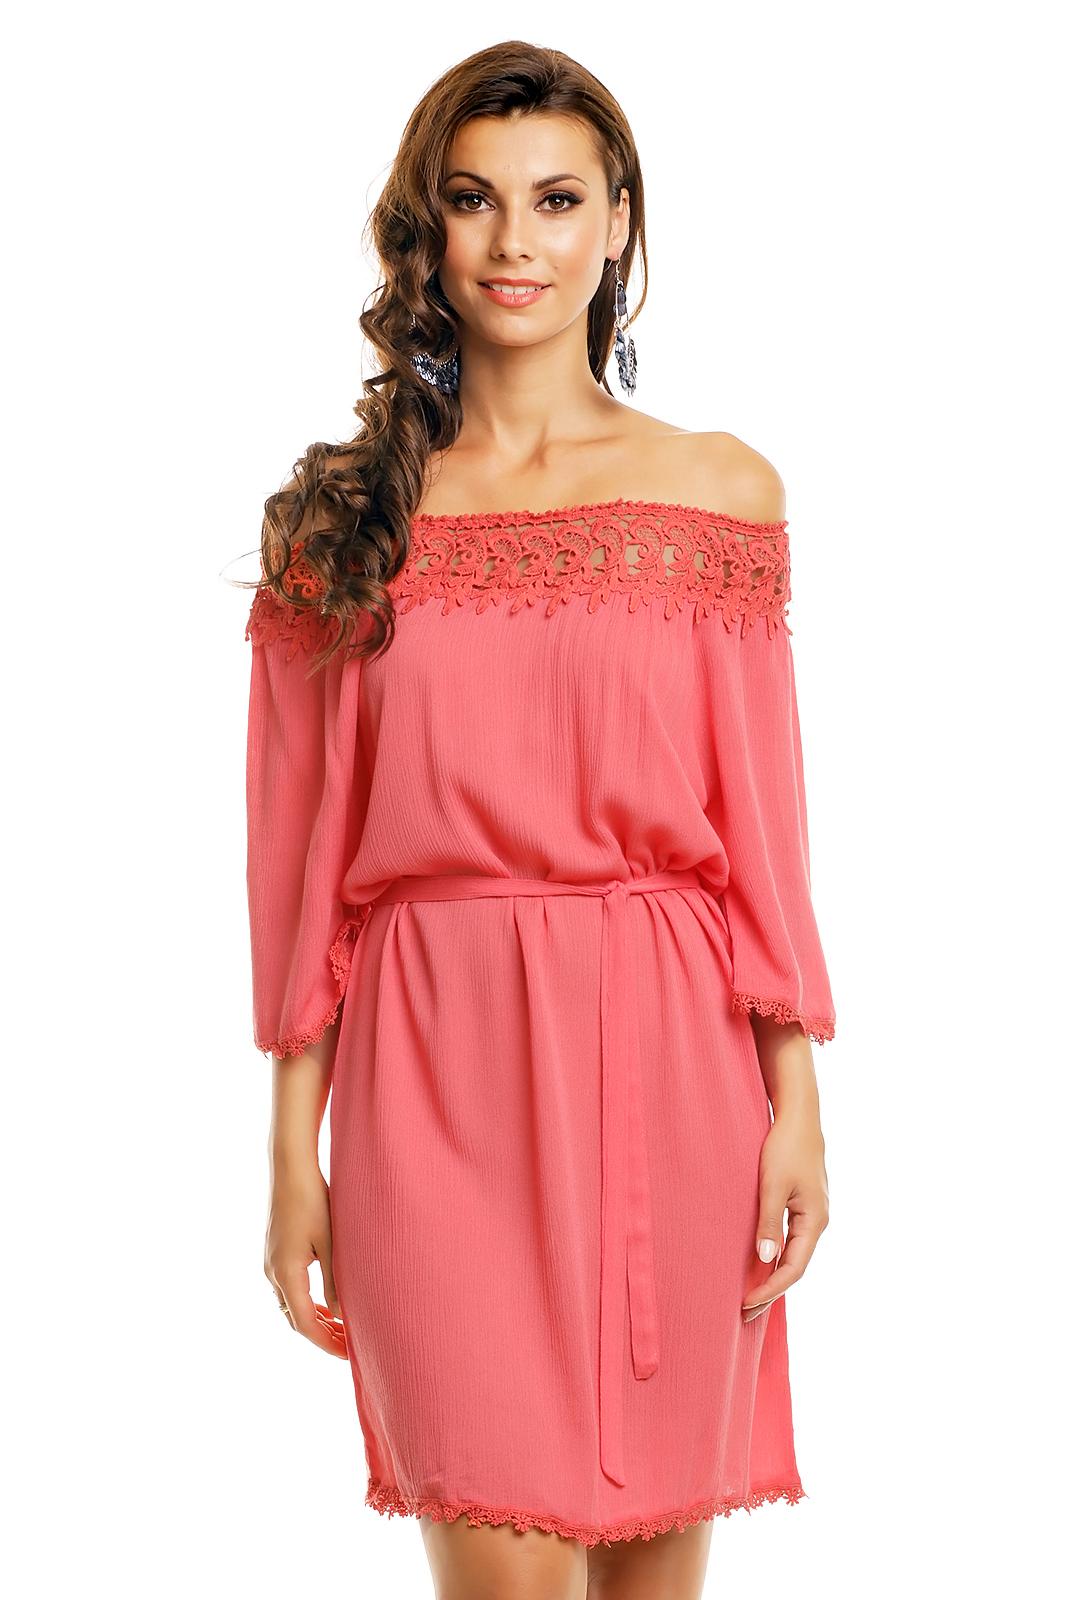 Biena Čarokrásne šaty s odhalenými ramenami   Biena dámske oblečenie e0093ac0ad5